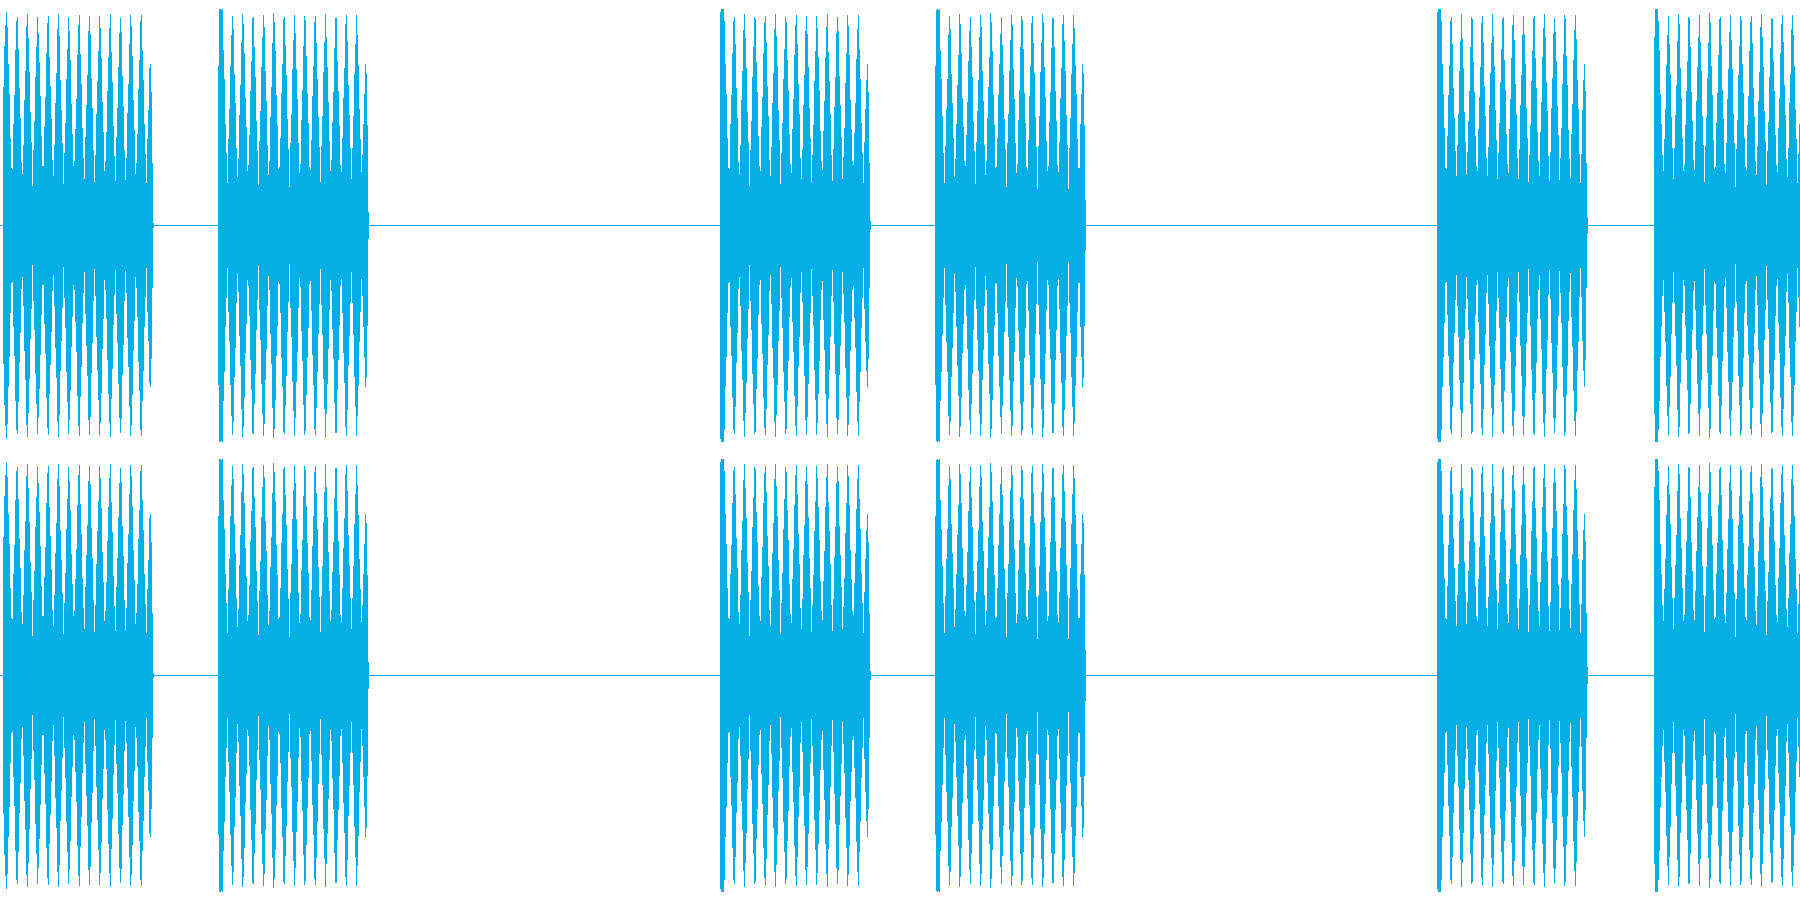 電話 呼び出し トゥルル×6 海外風①の再生済みの波形